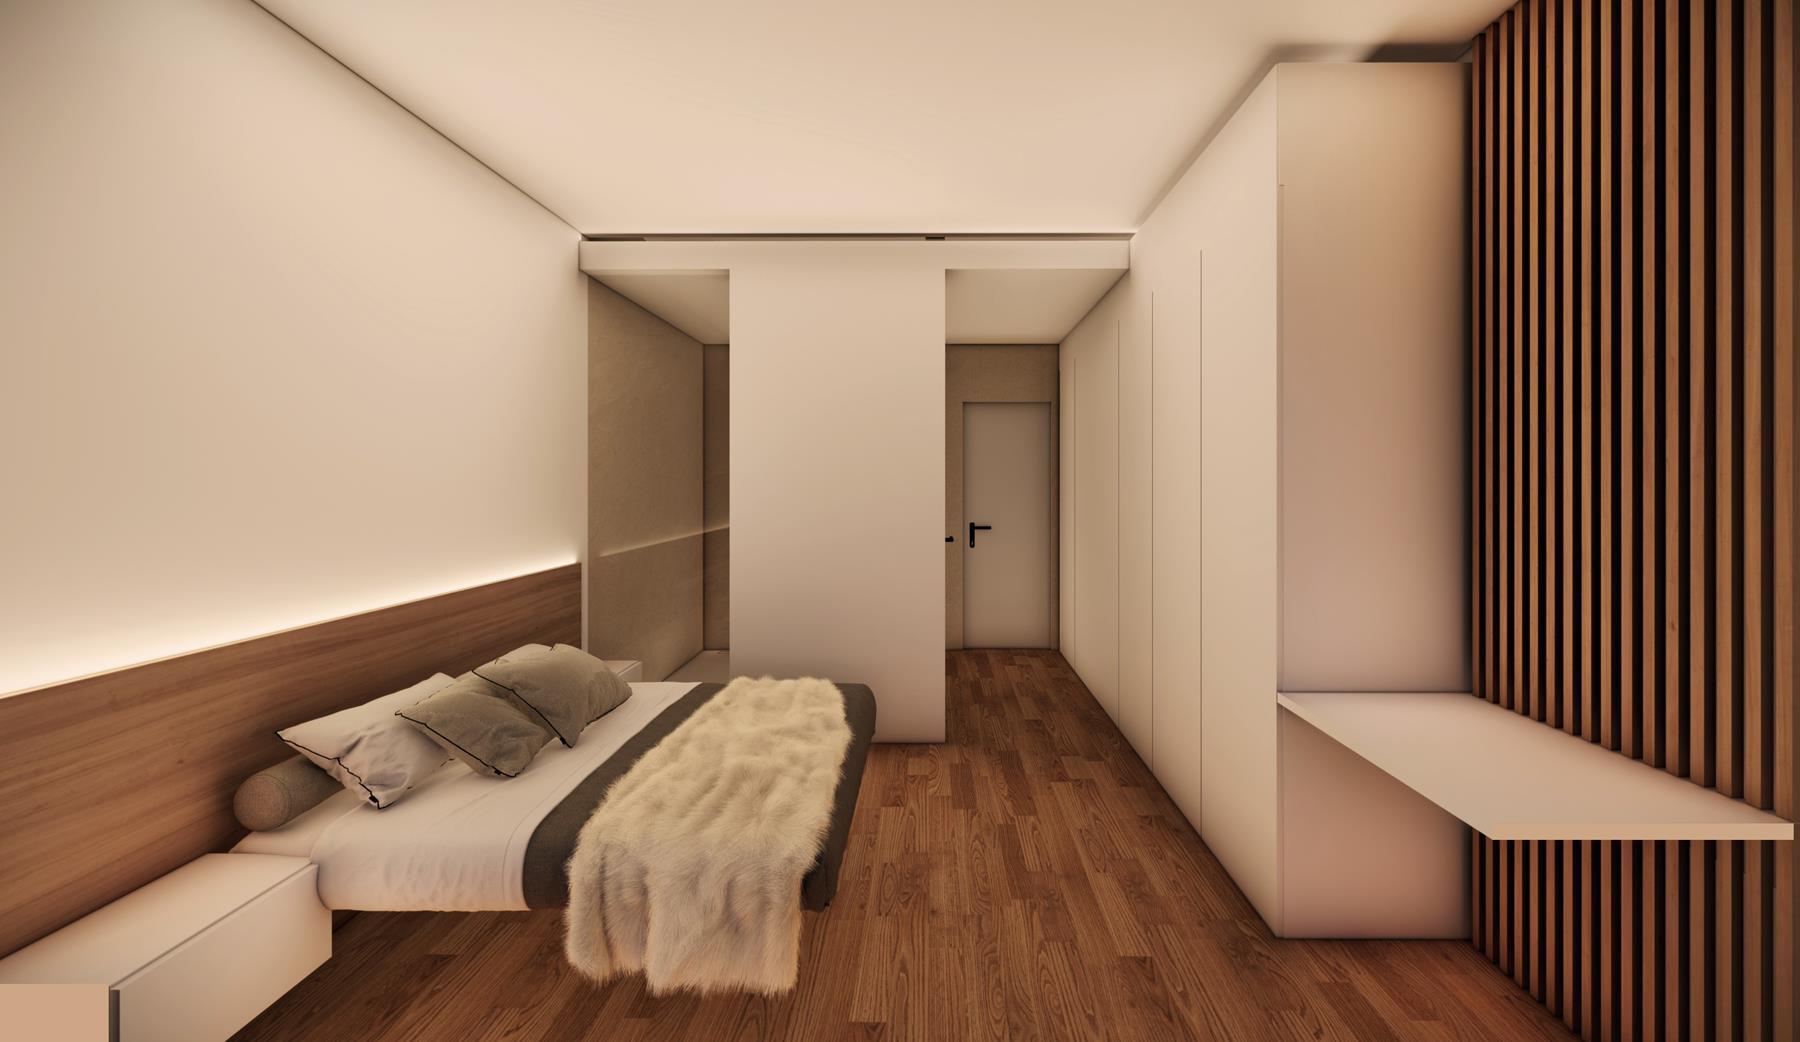 Chalet | Villa en venta en Albir, de obra nueva y diseño moderno